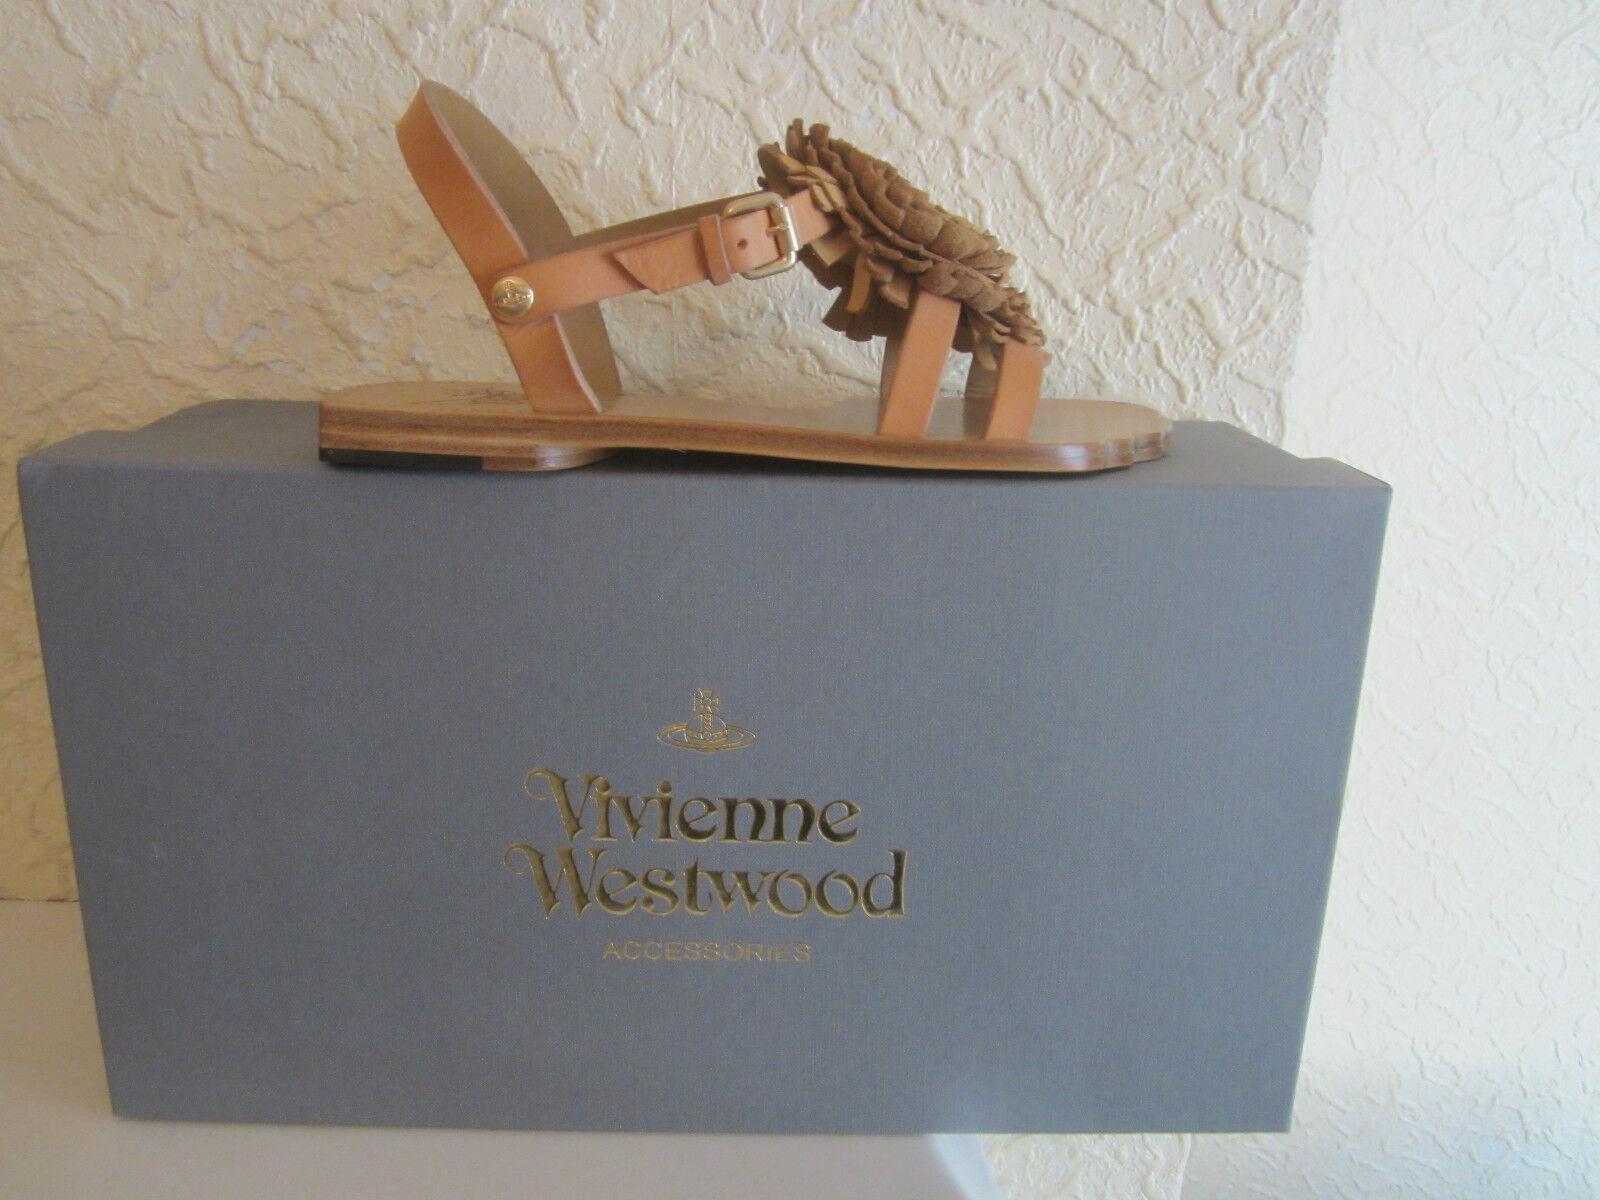 Vivienne Westwood Floral Detail Leather Sandals Größe 36